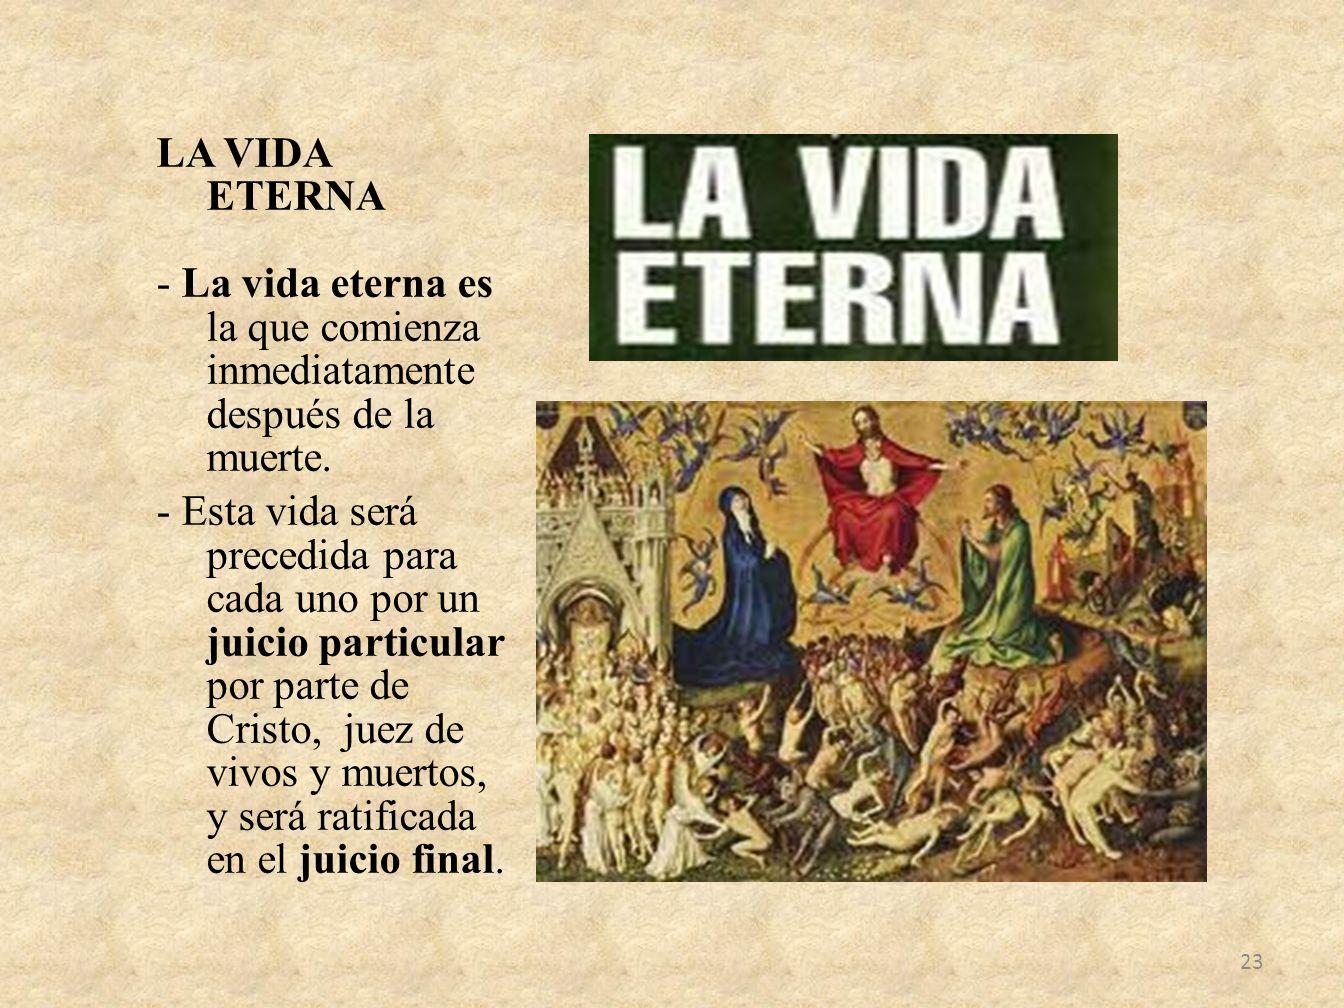 LA VIDA ETERNA - La vida eterna es la que comienza inmediatamente después de la muerte.